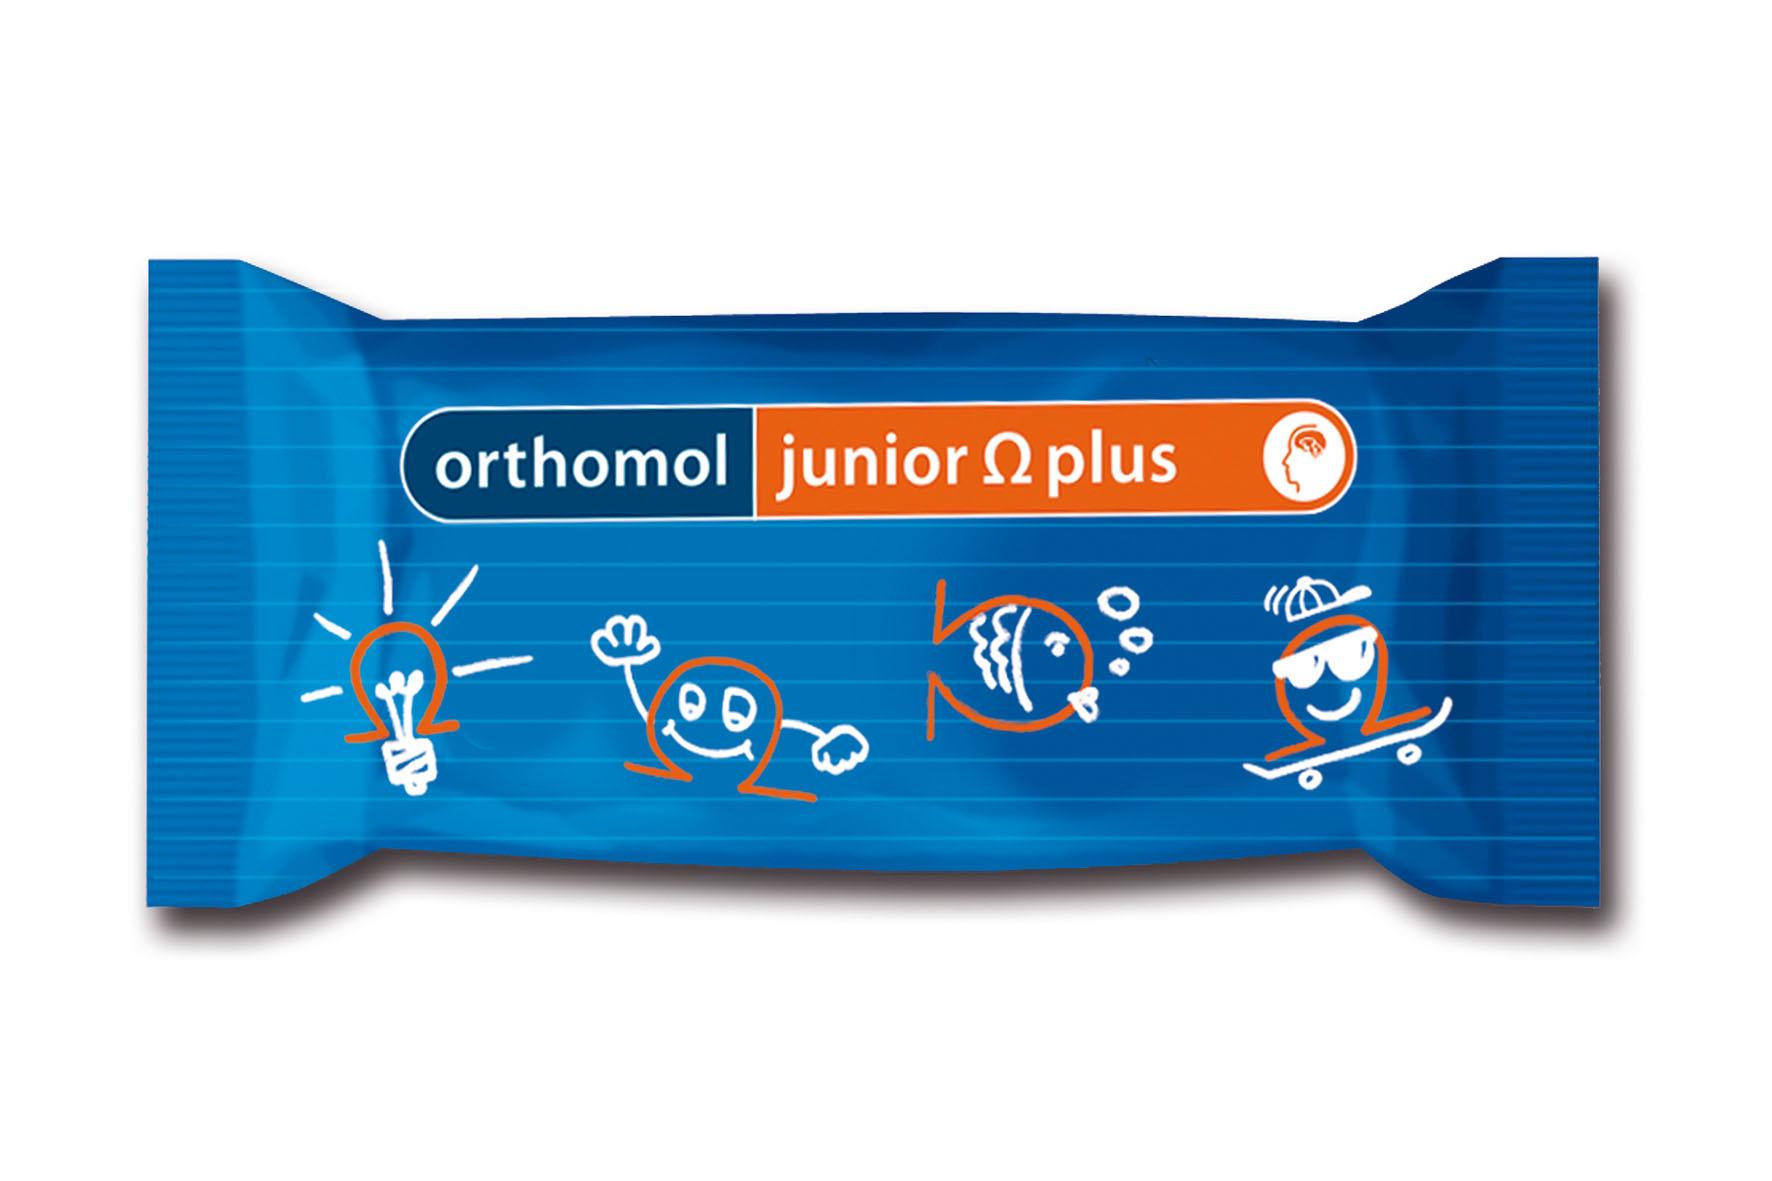 Brain-Power für helle Köpfe von Orthomol: seit Juli in Apotheken erhältlich.